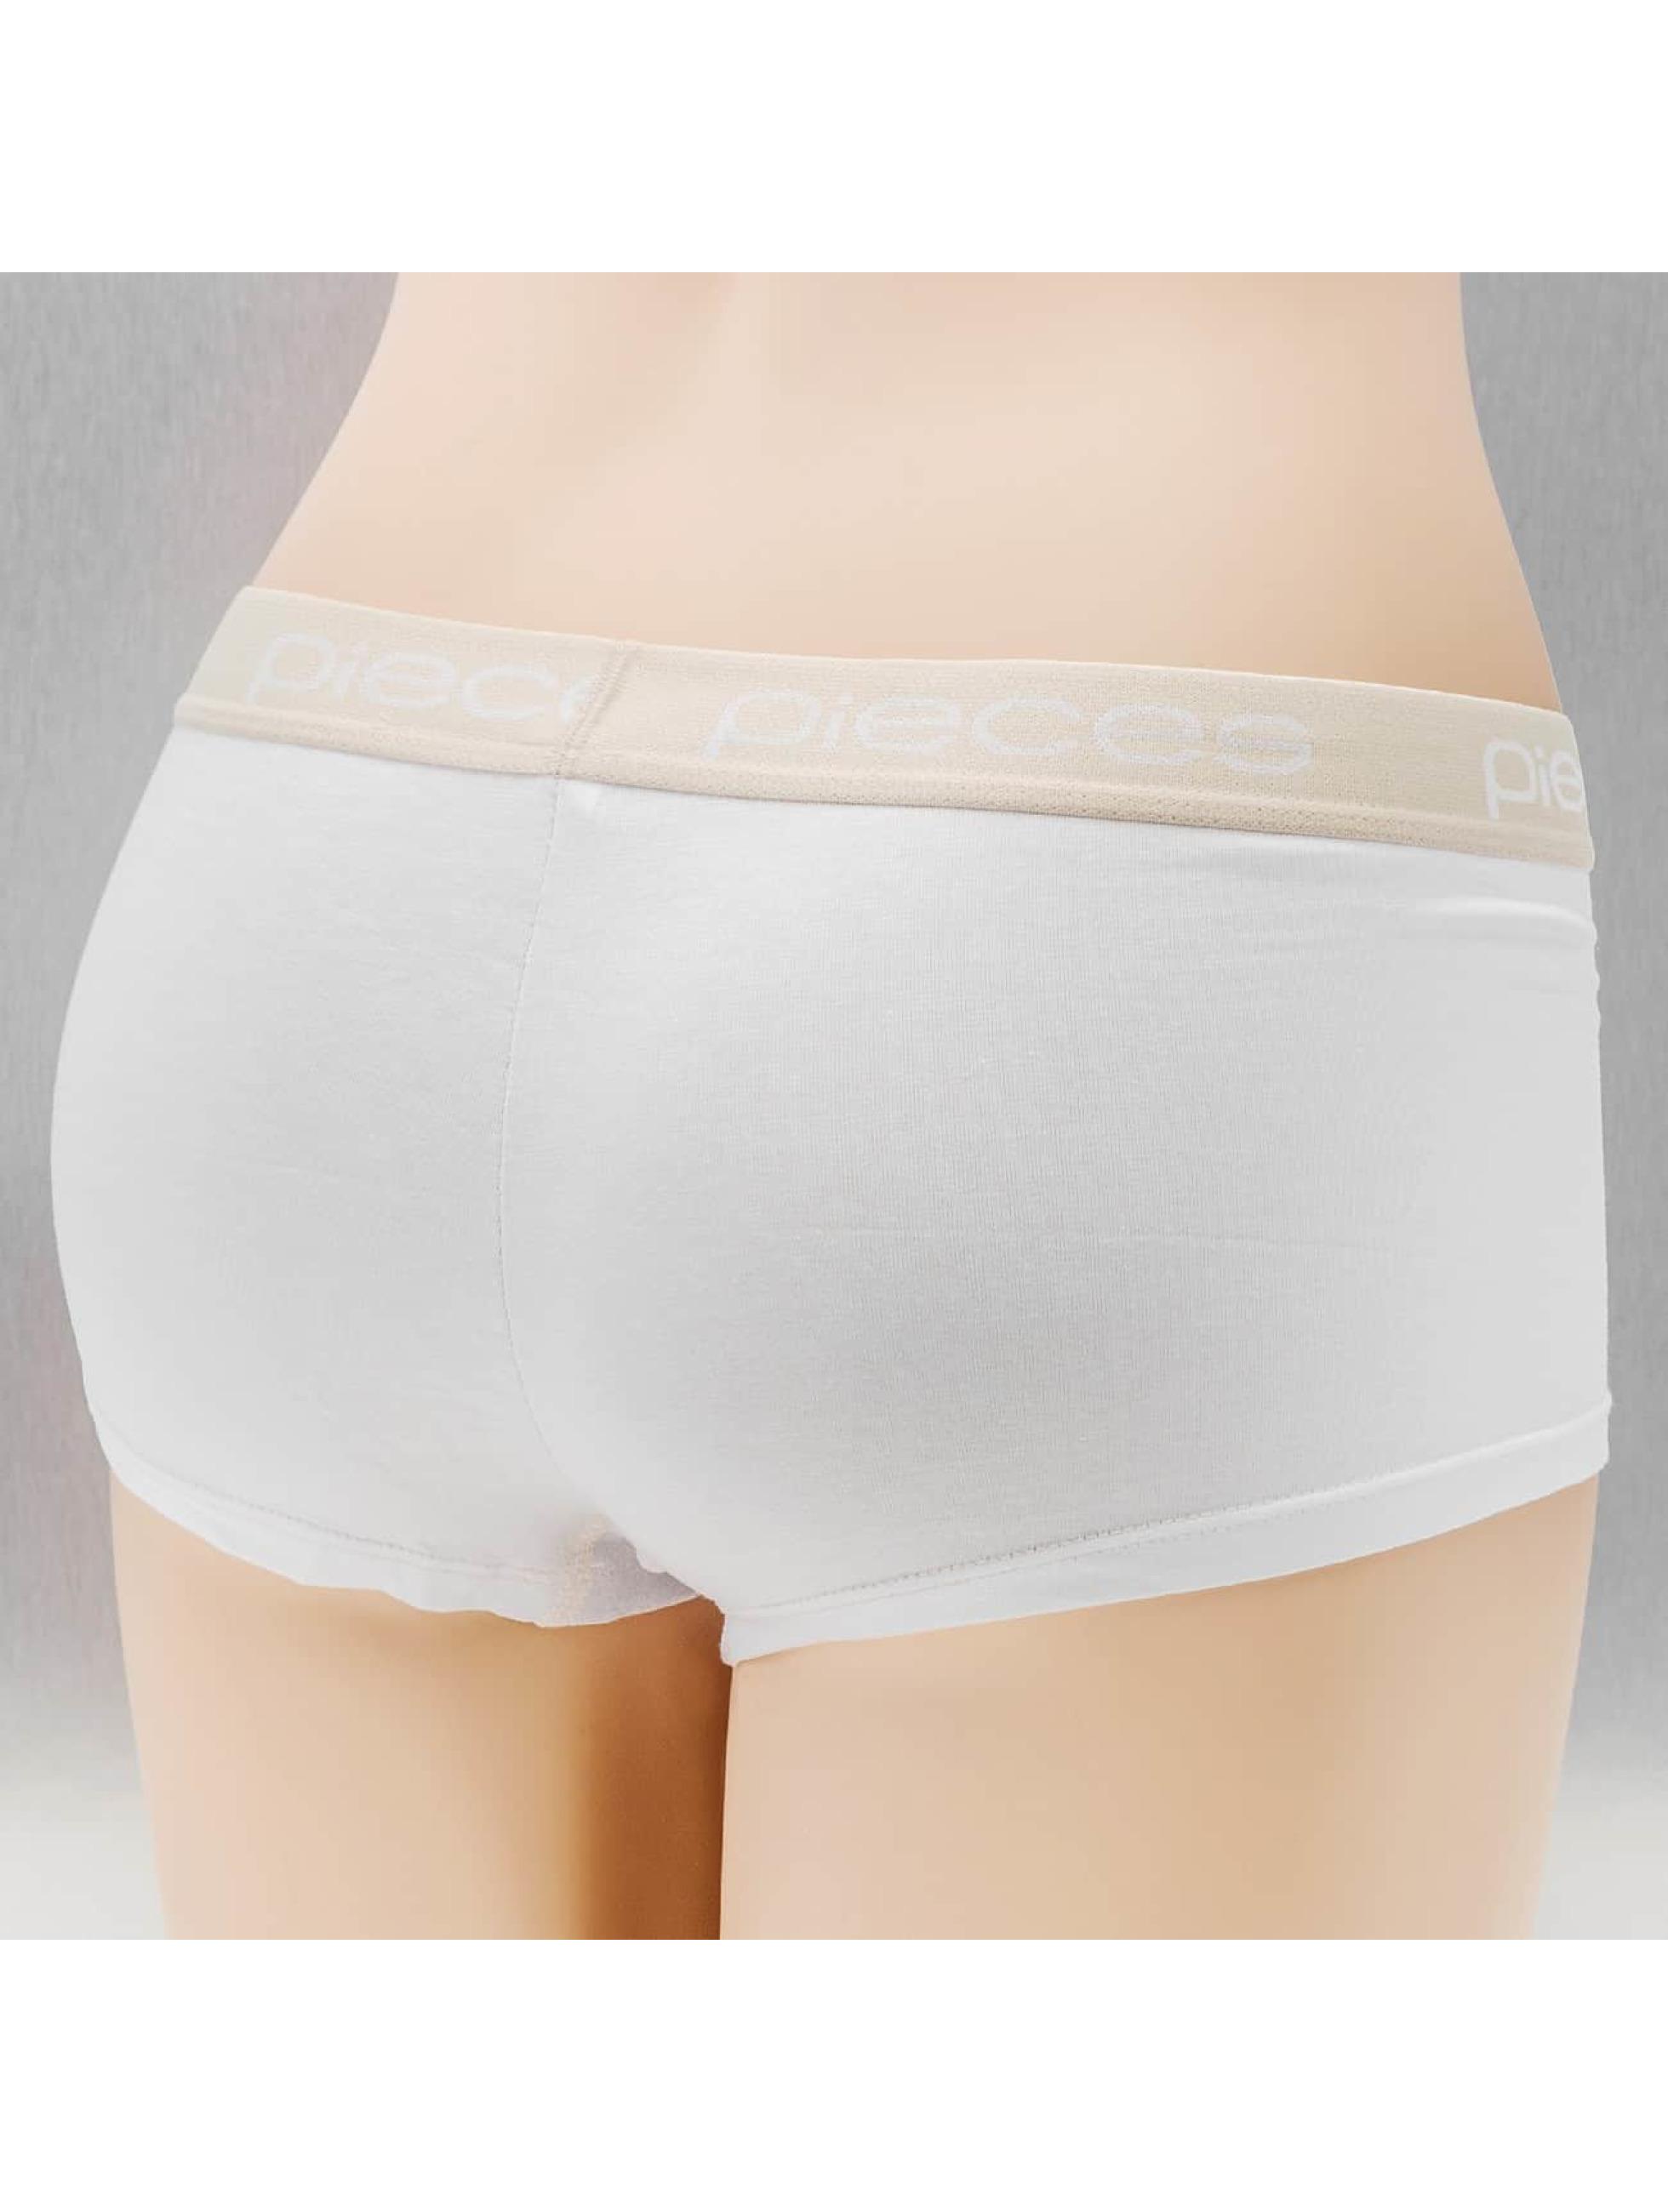 Pieces ondergoed pcLogo wit